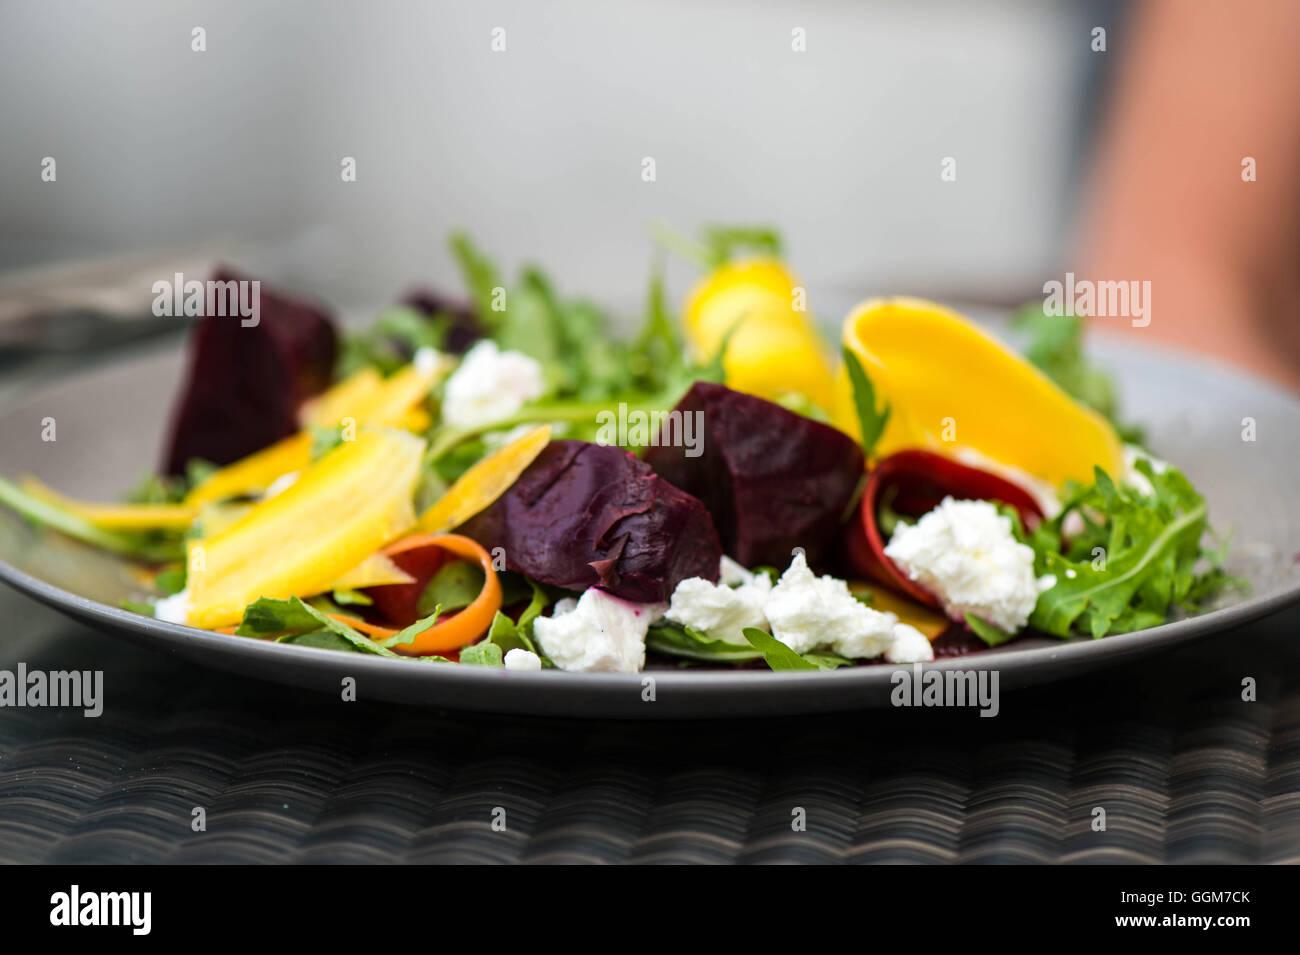 Salade Mixte avec repas végétariens fromage de chèvre Photo Stock